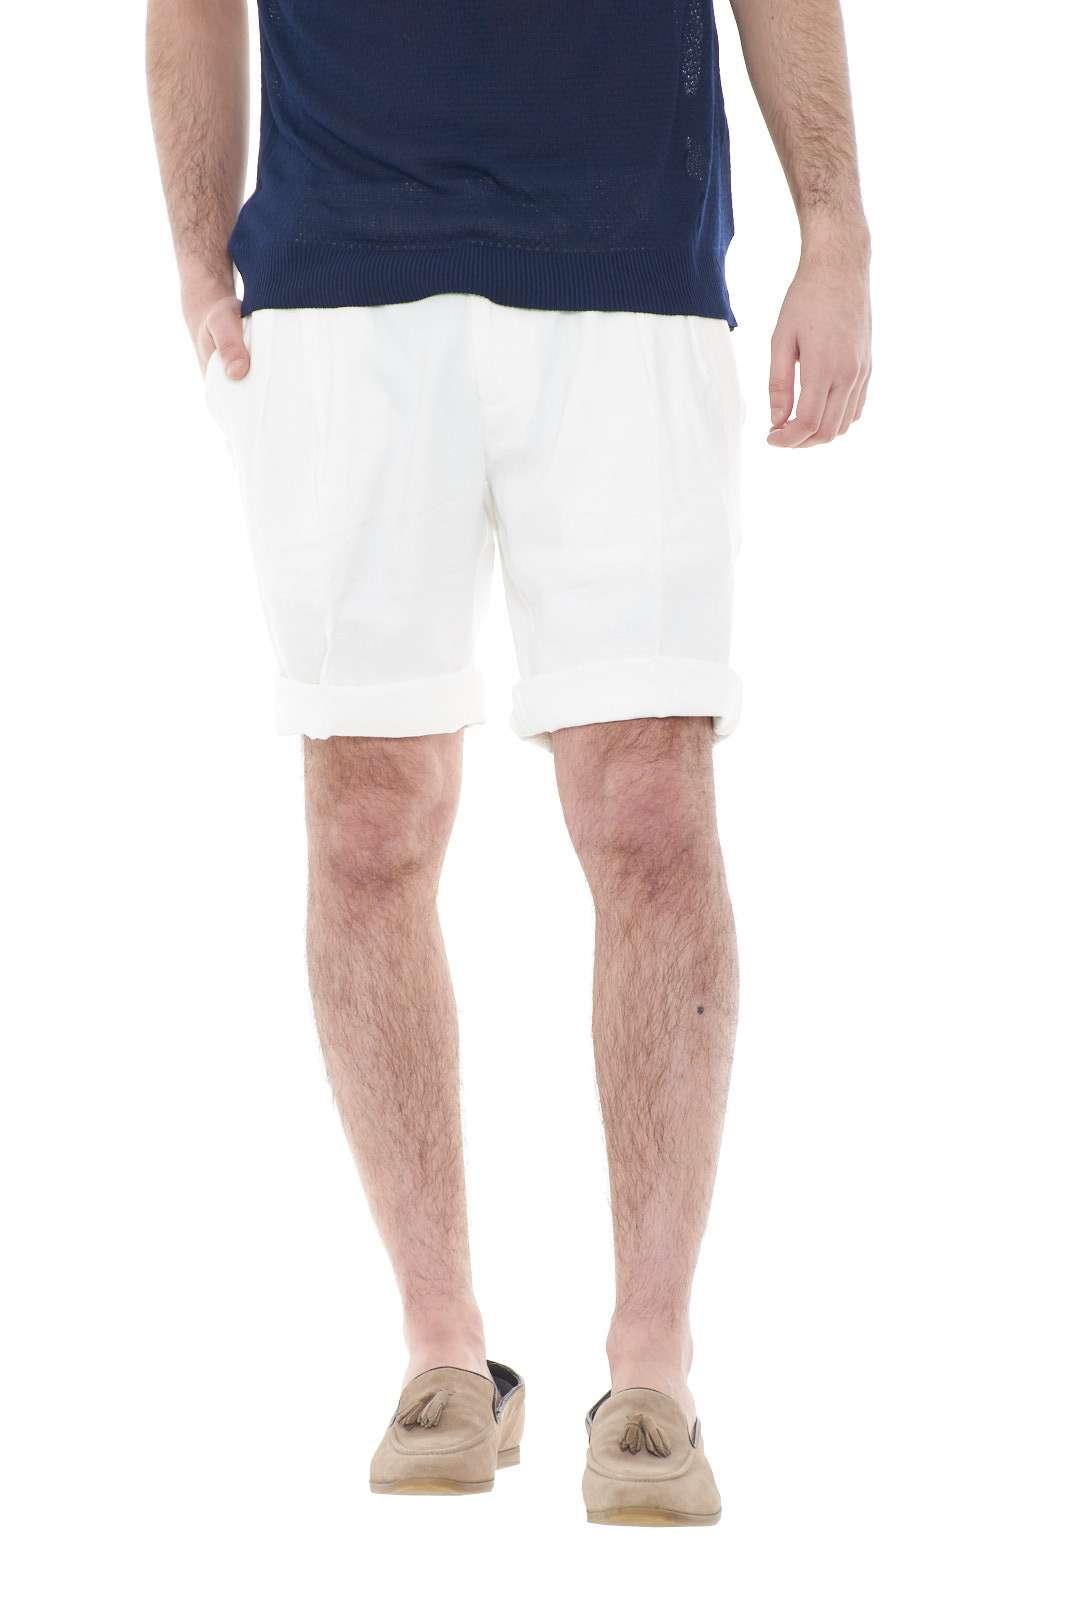 Un bermuda classico e leggero, perfetto per look estivi sempre chic e curati. Il colore bianco pastello, lo rende perfetto per outfit semplici e alla moda. da abbinare a polo, t shirt o camicie, per stili sempre diversi.